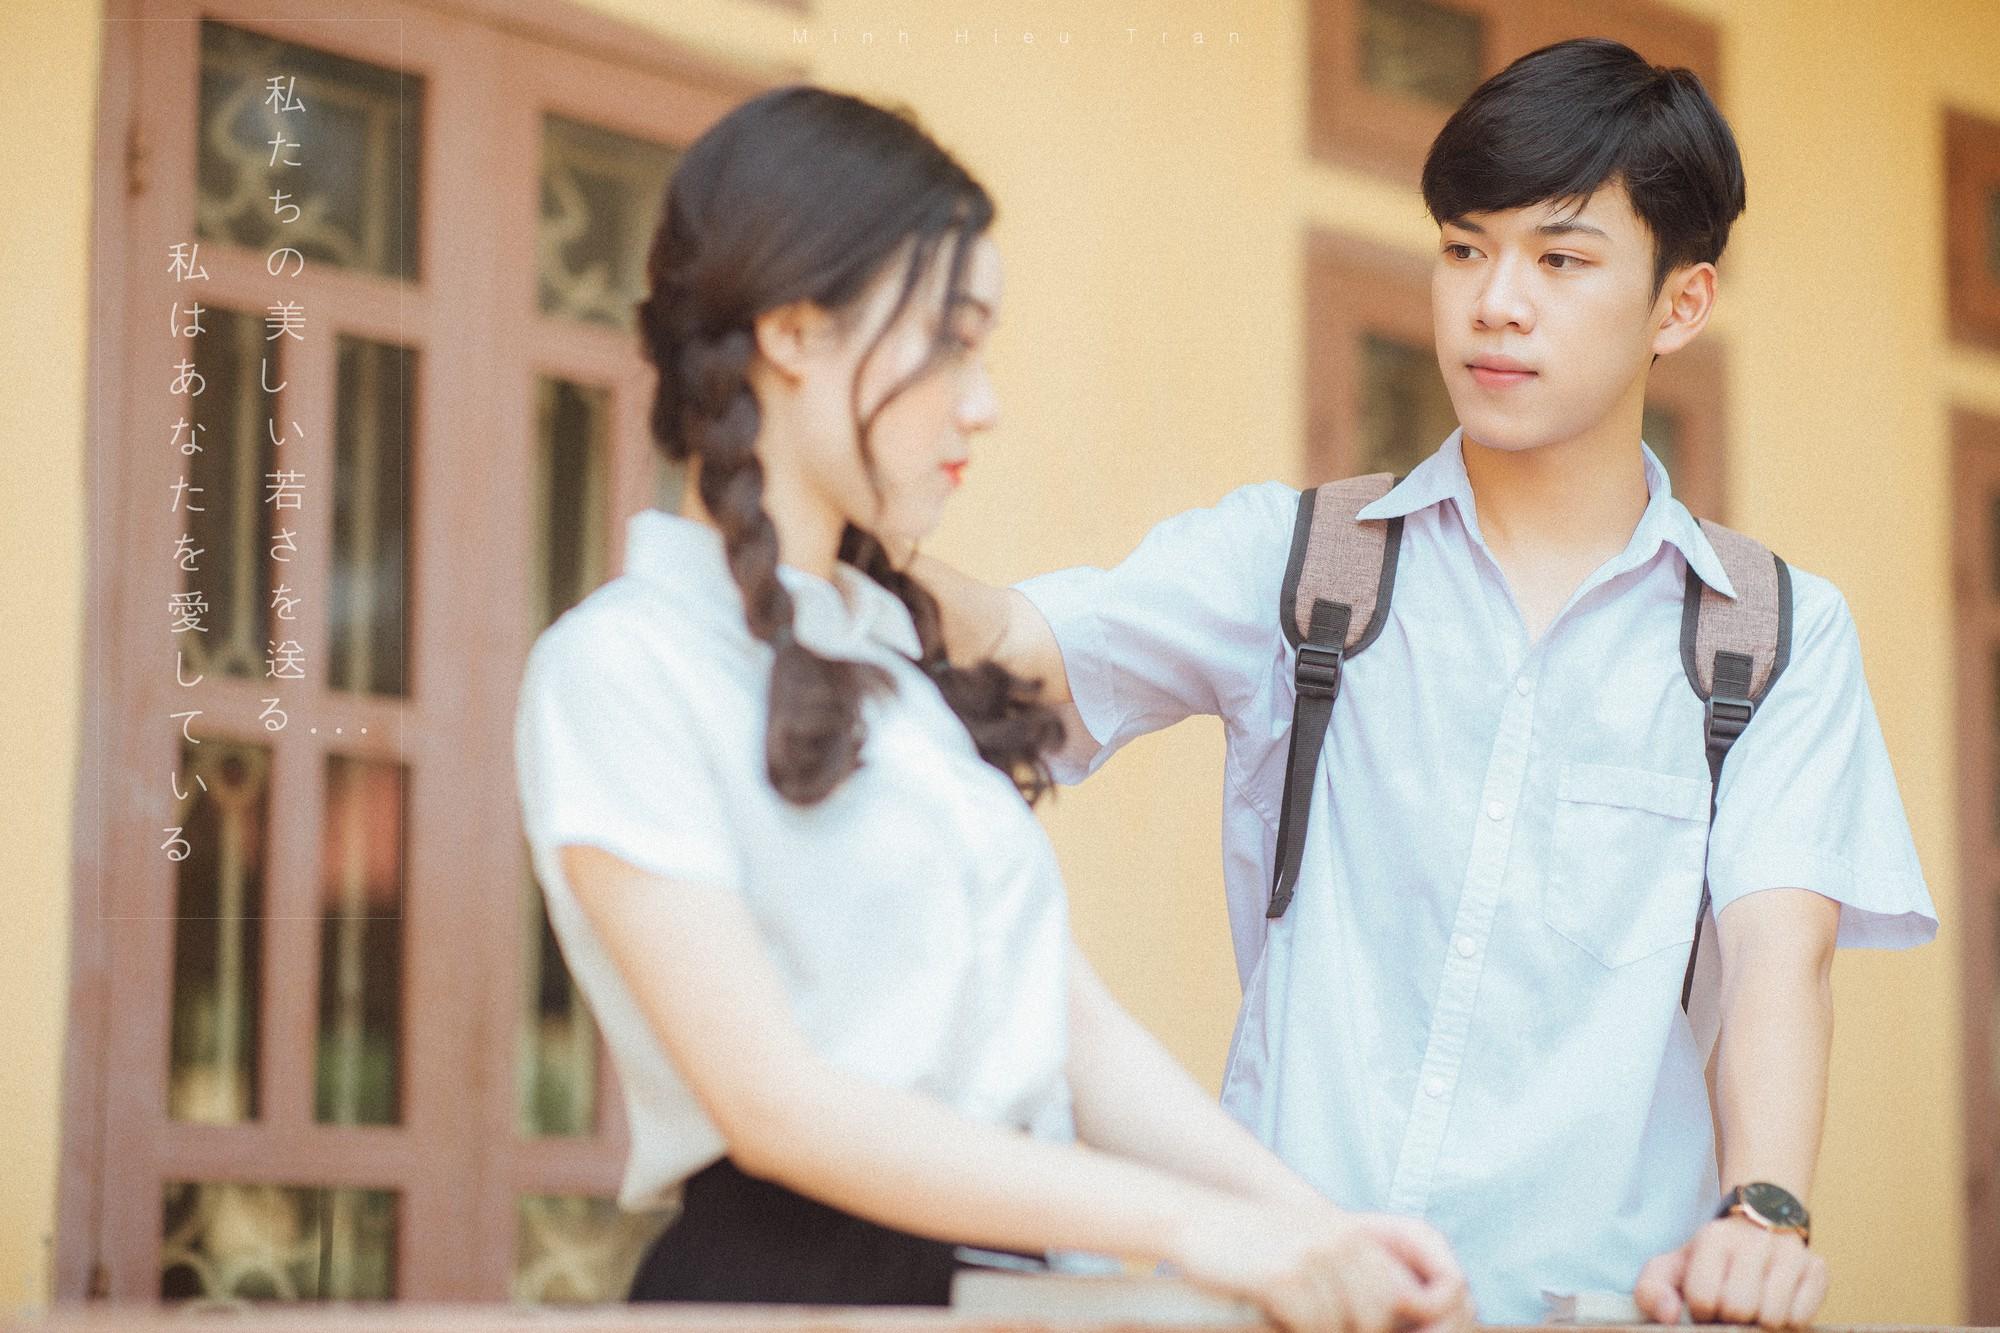 Bộ ảnh dắt em qua thanh xuân của đôi bạn học sinh giỏi: 17 tuổi, em đến bên tôi như định mệnh - Ảnh 8.